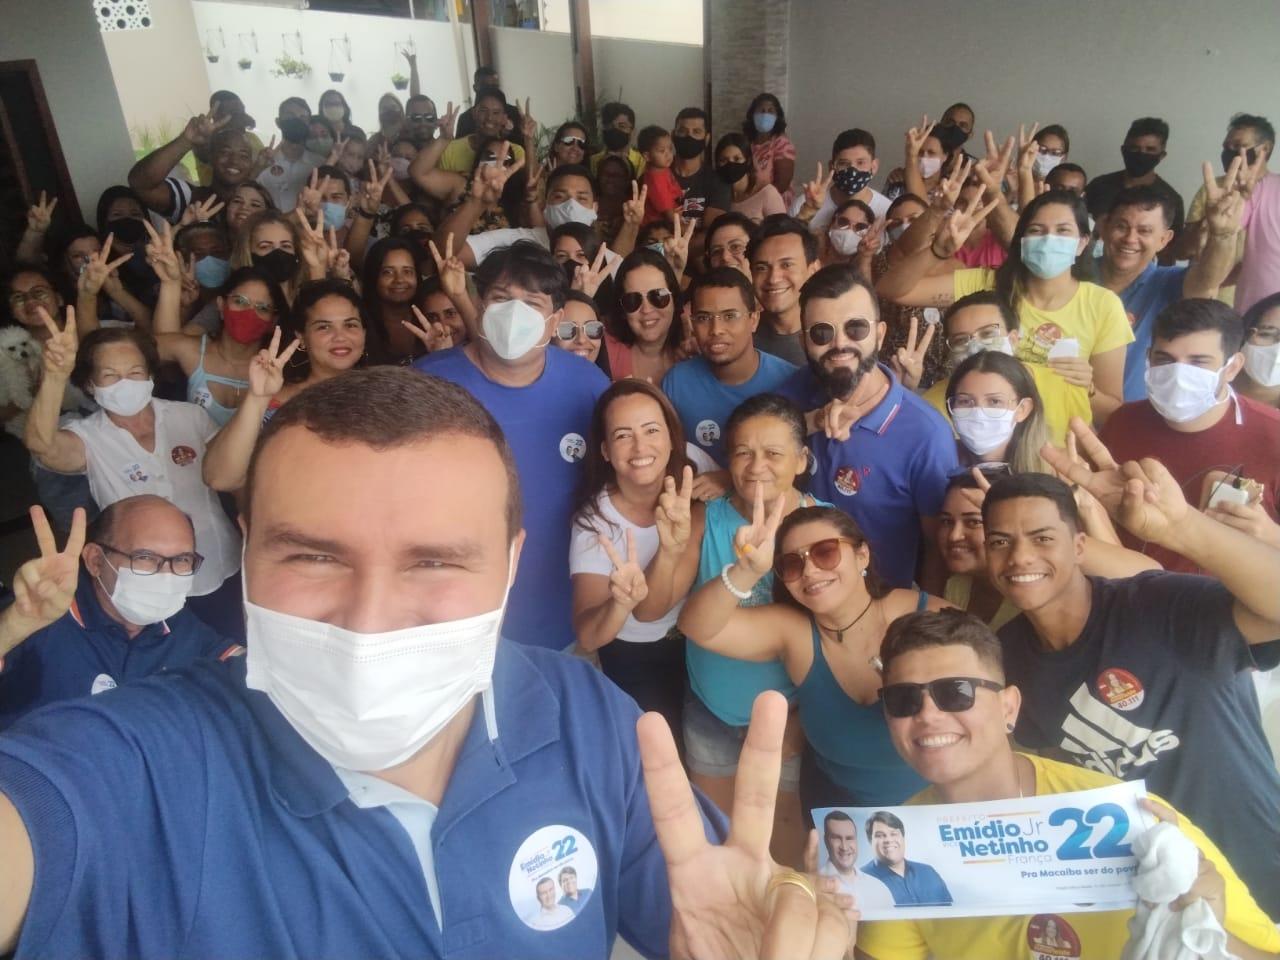 Ismarleide reúne apoiadores e reforça empenho na campanha para Emídio Júnior e Netinho França